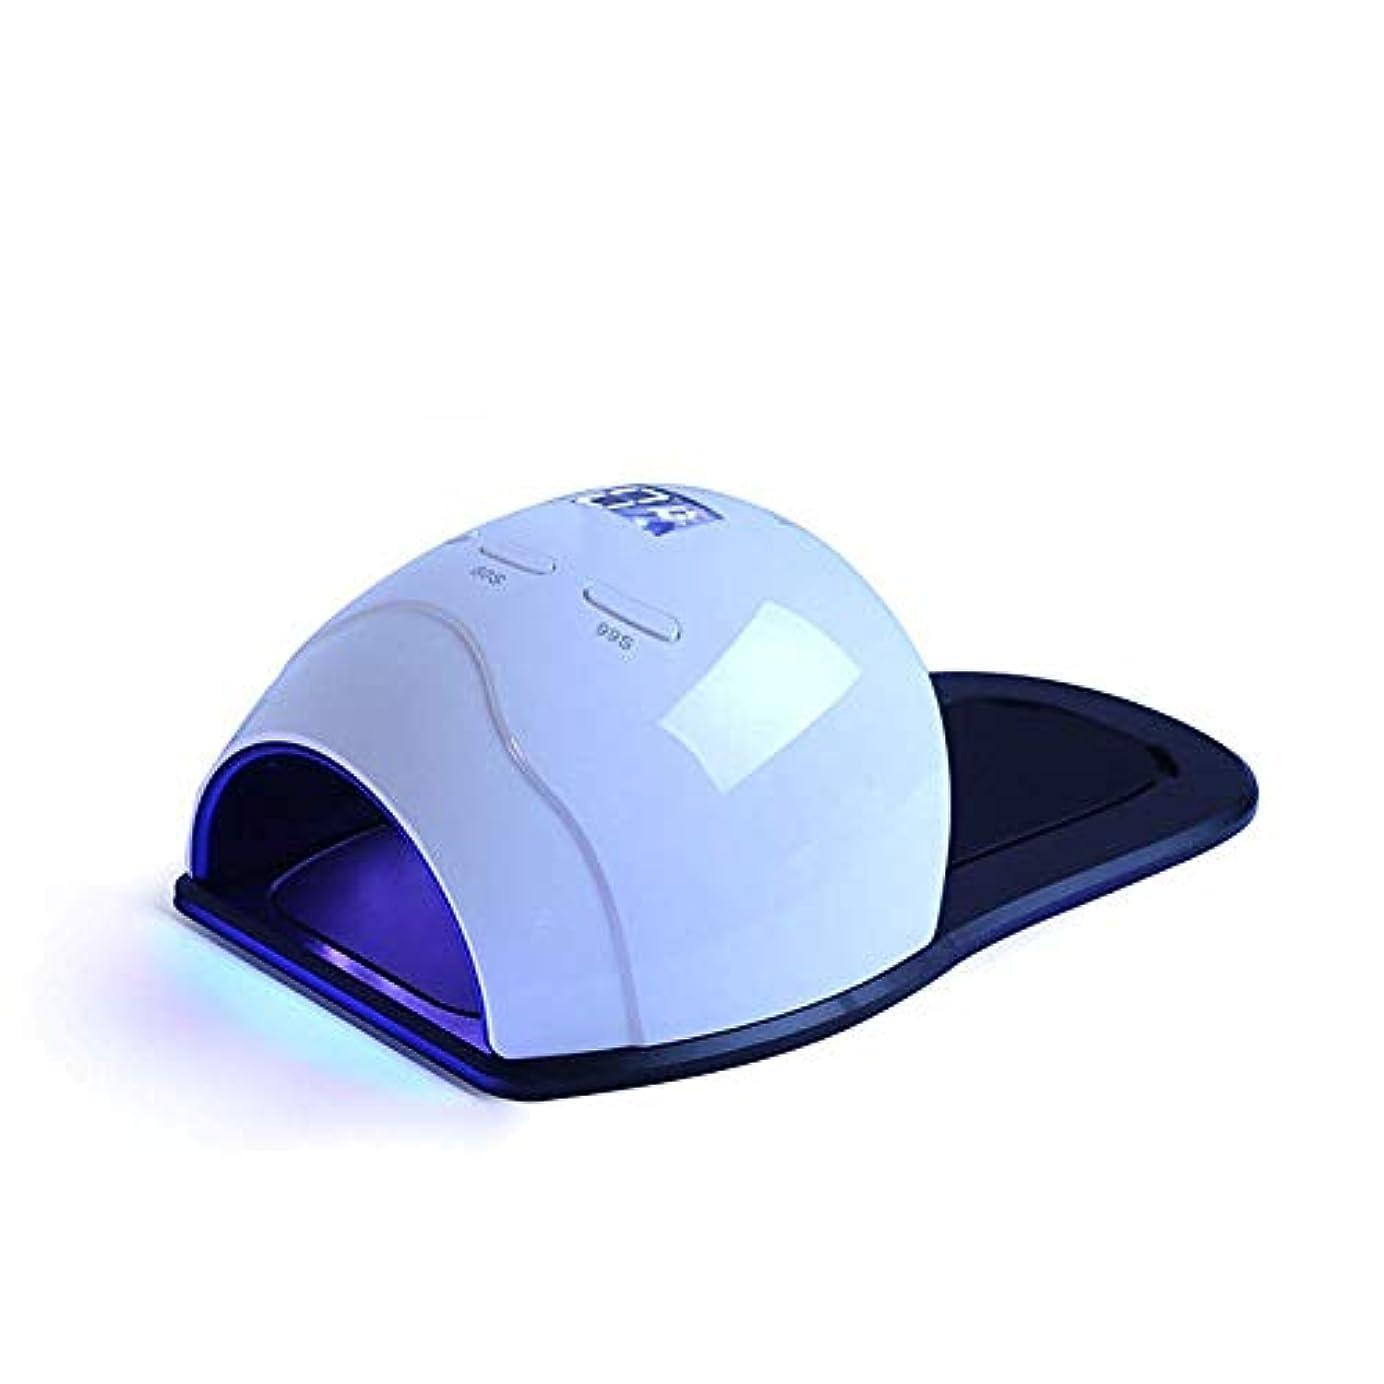 笑いピンの前で新しいネイルランプ指のつま先48Wネイルランプ光療法LEDネイルランプUVネイルランプ、ホワイト (Color : White)